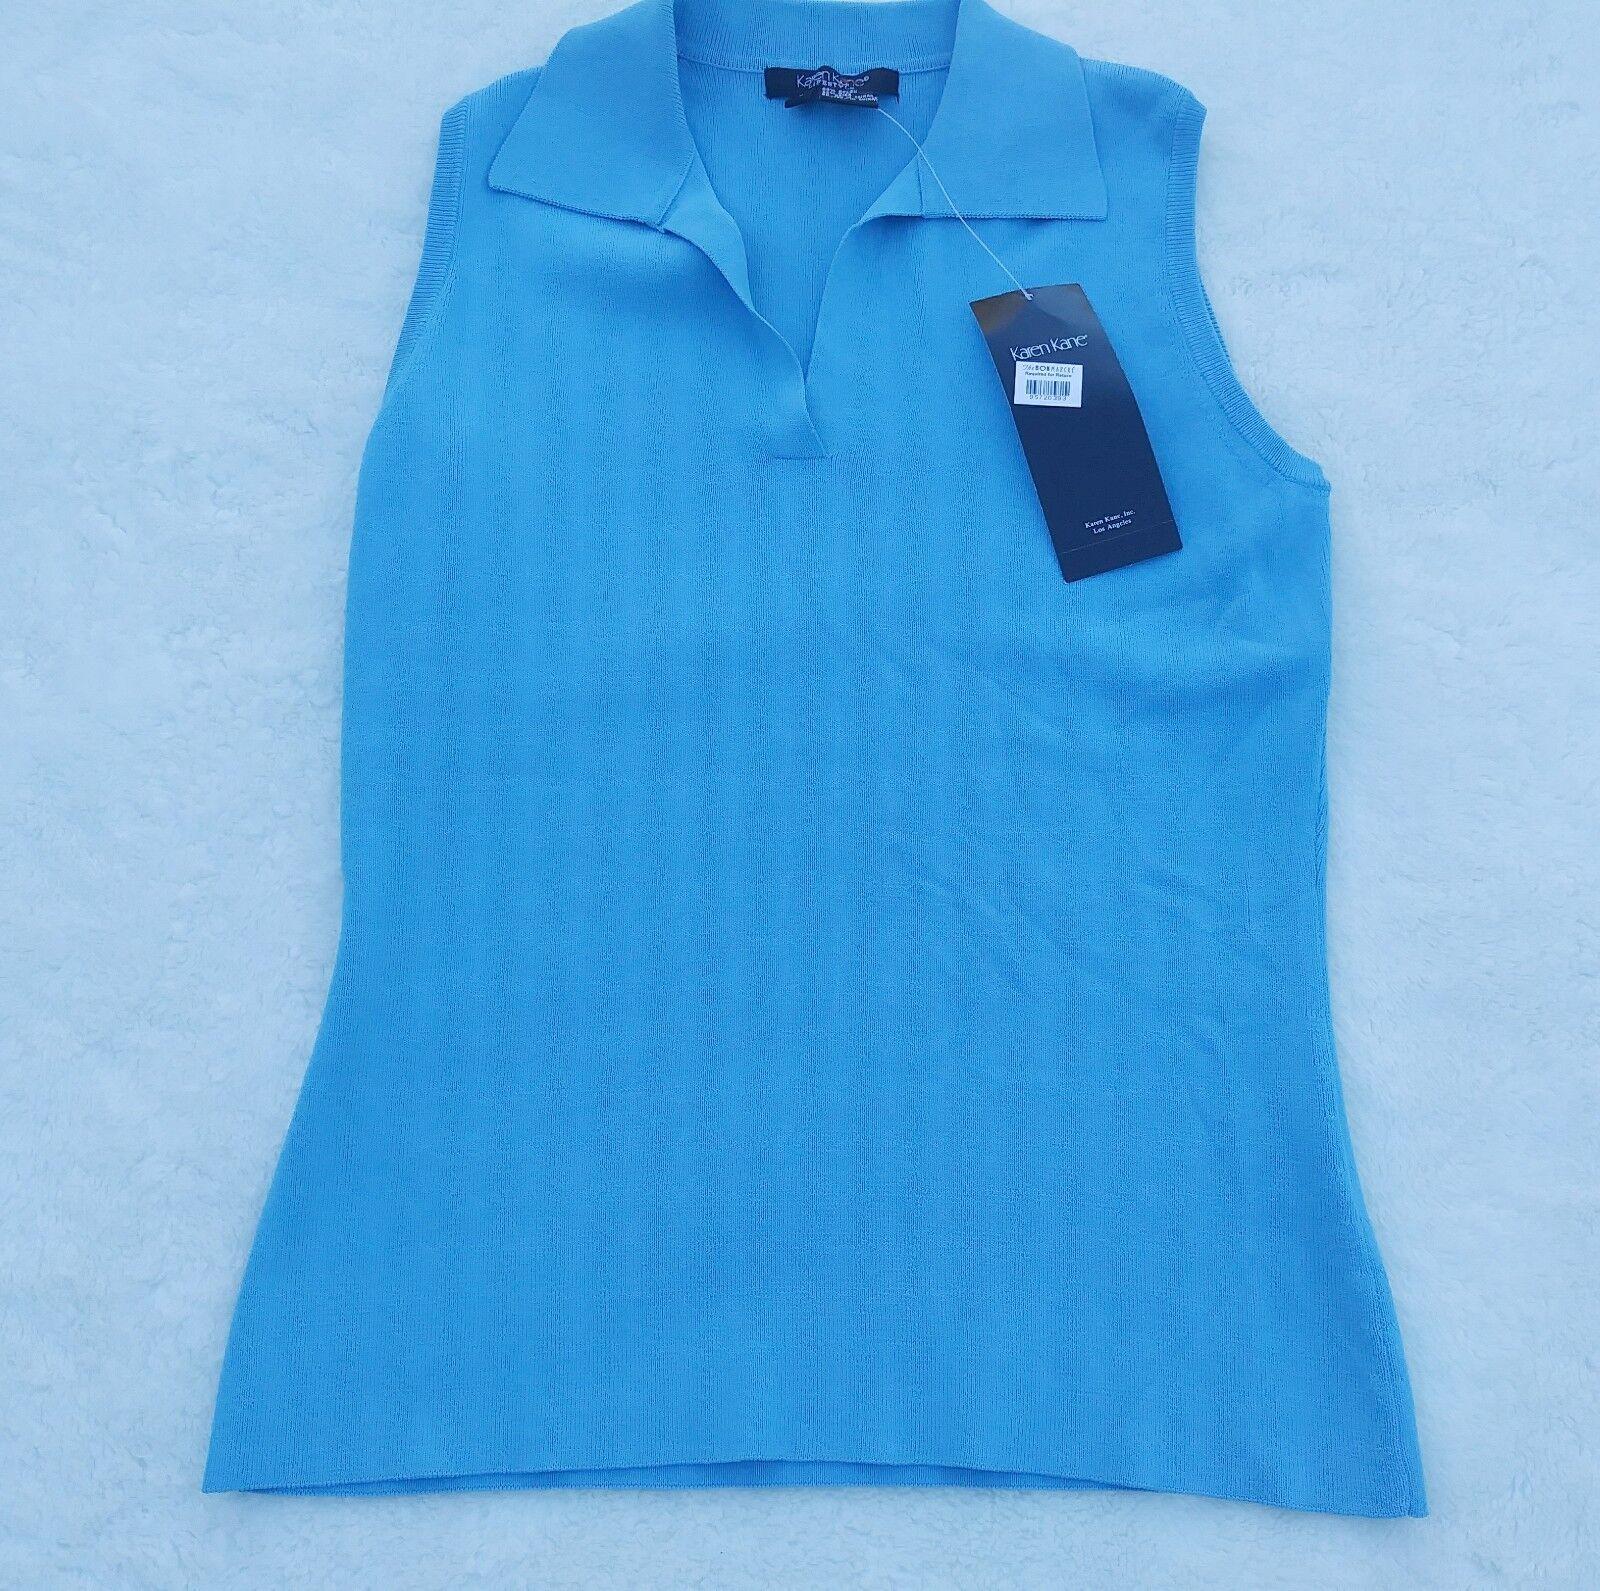 Karen Kane Lifestyle Sleevless knit baby bluee Polo Top NWT  78 SZ Small